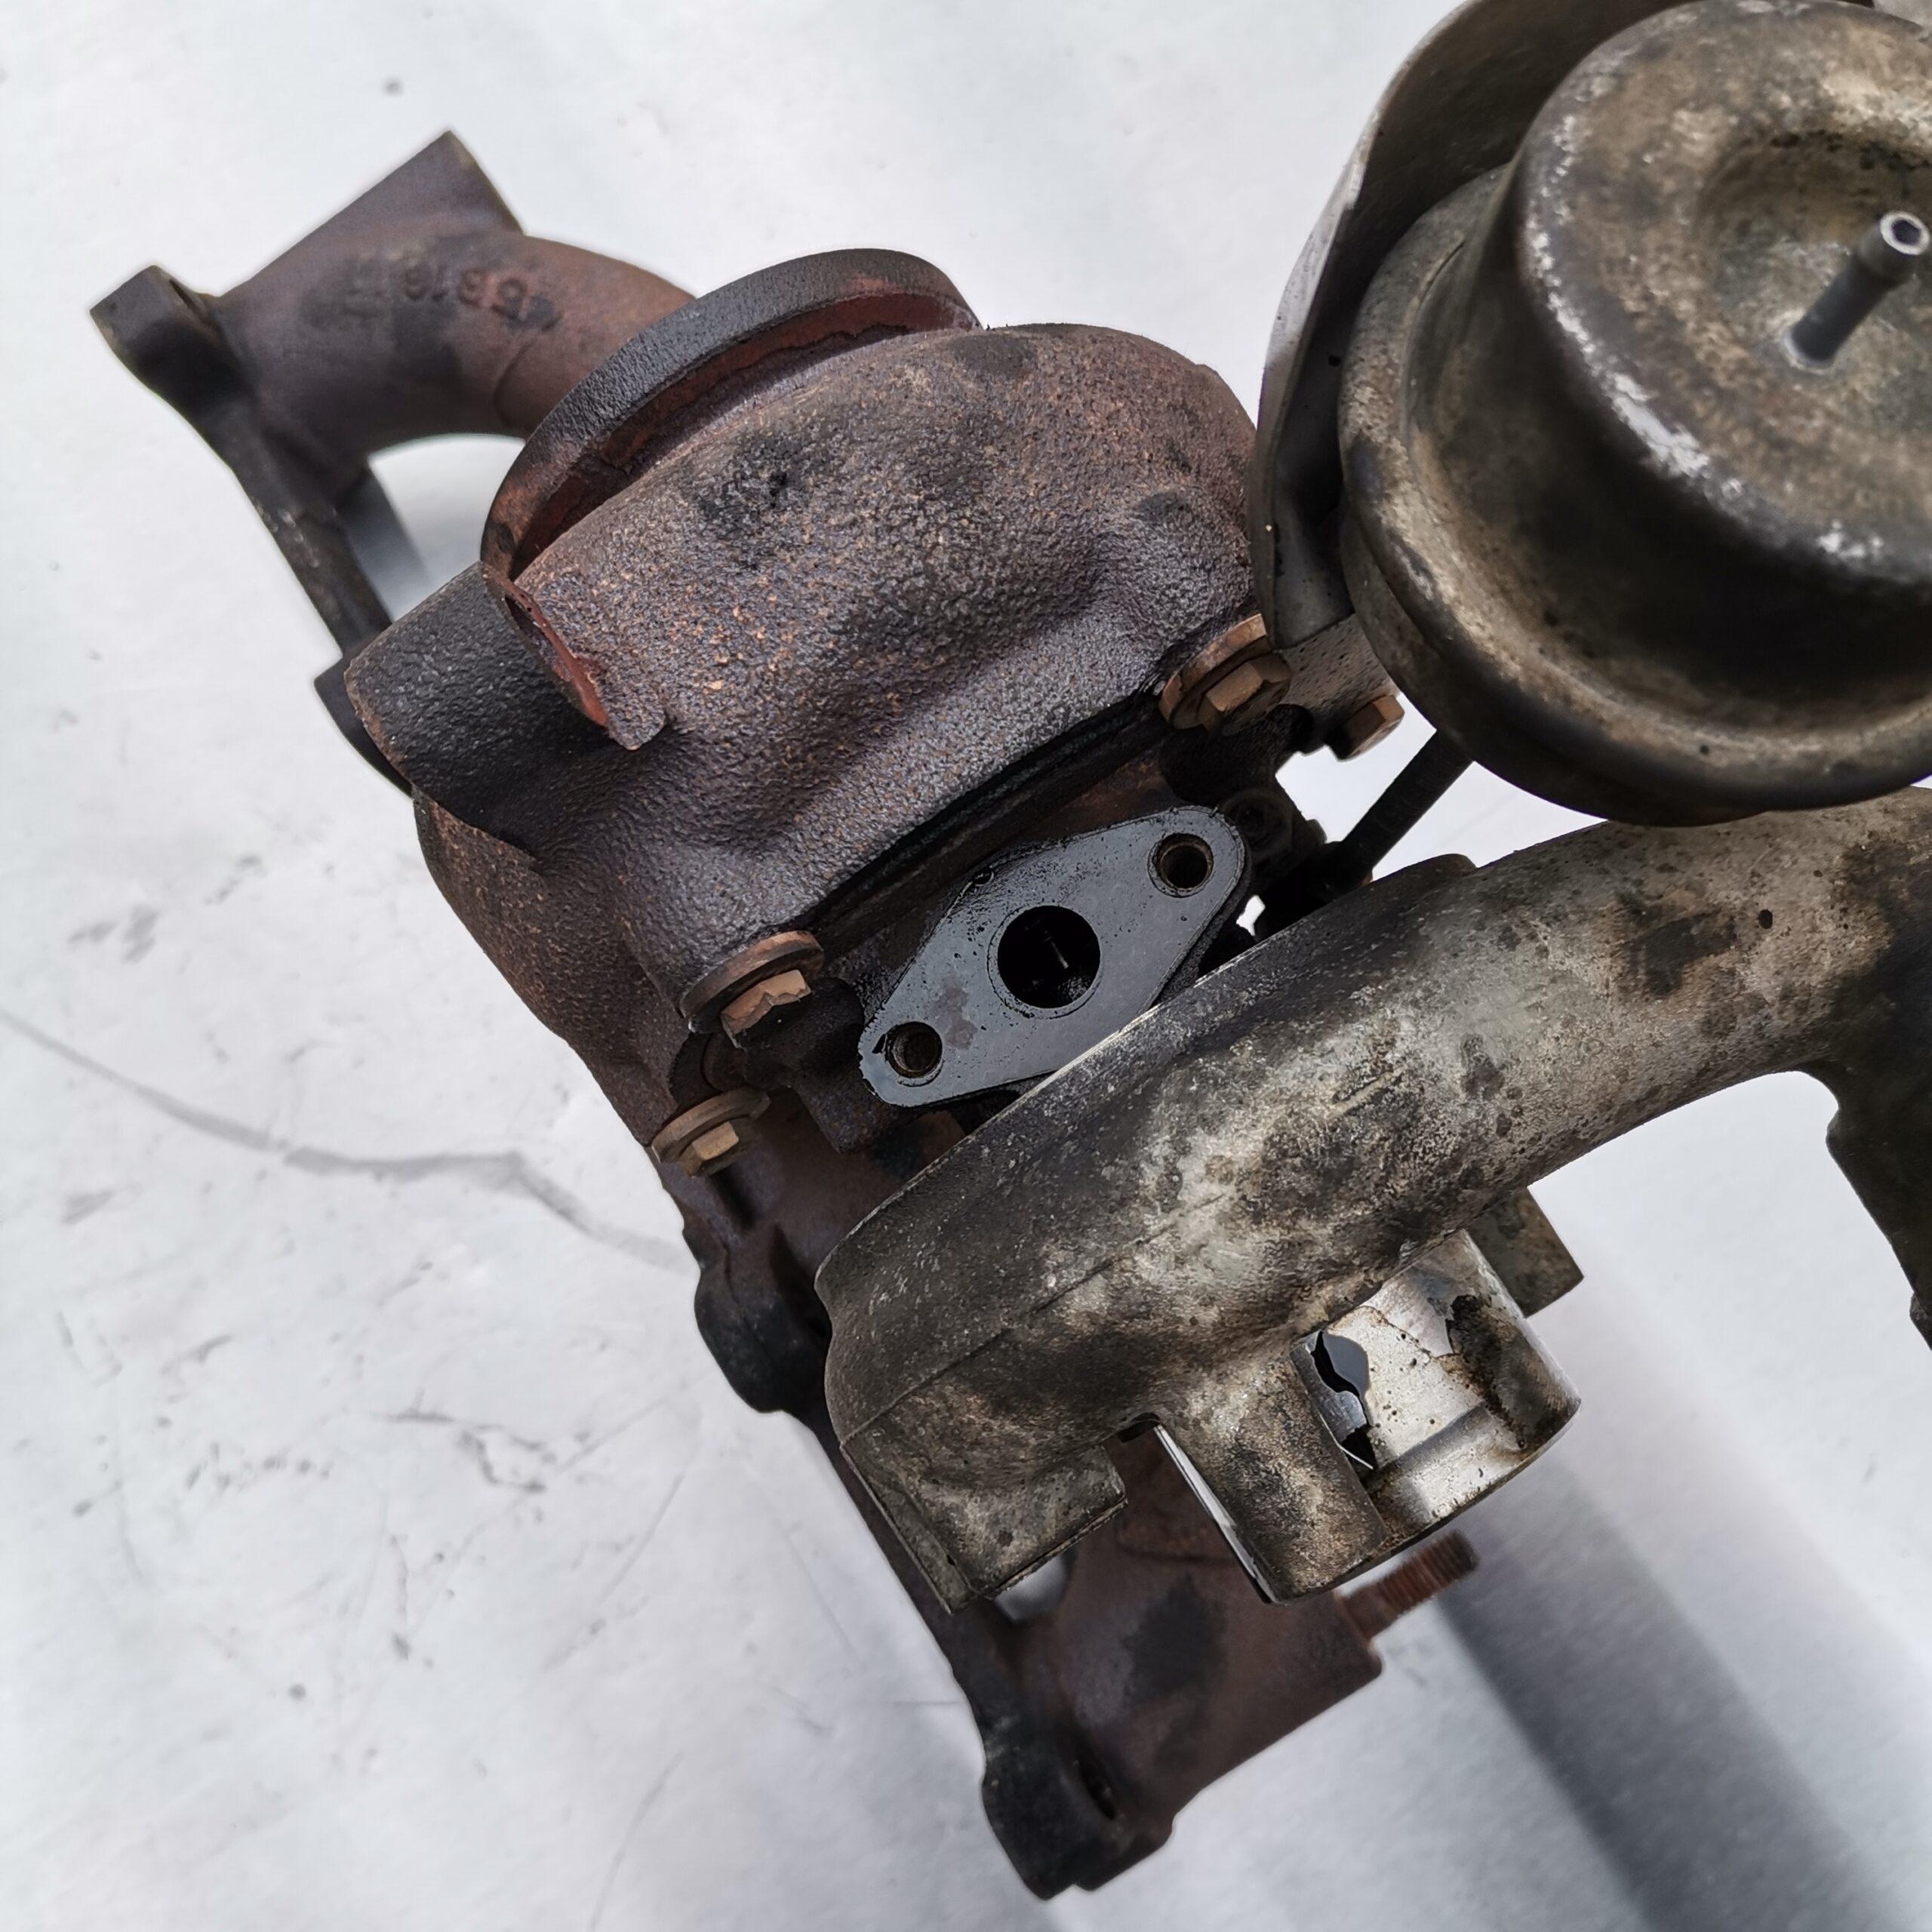 Пришла турбина Volkswagen Passat B6 1.9 TDI на ремонт в turboday